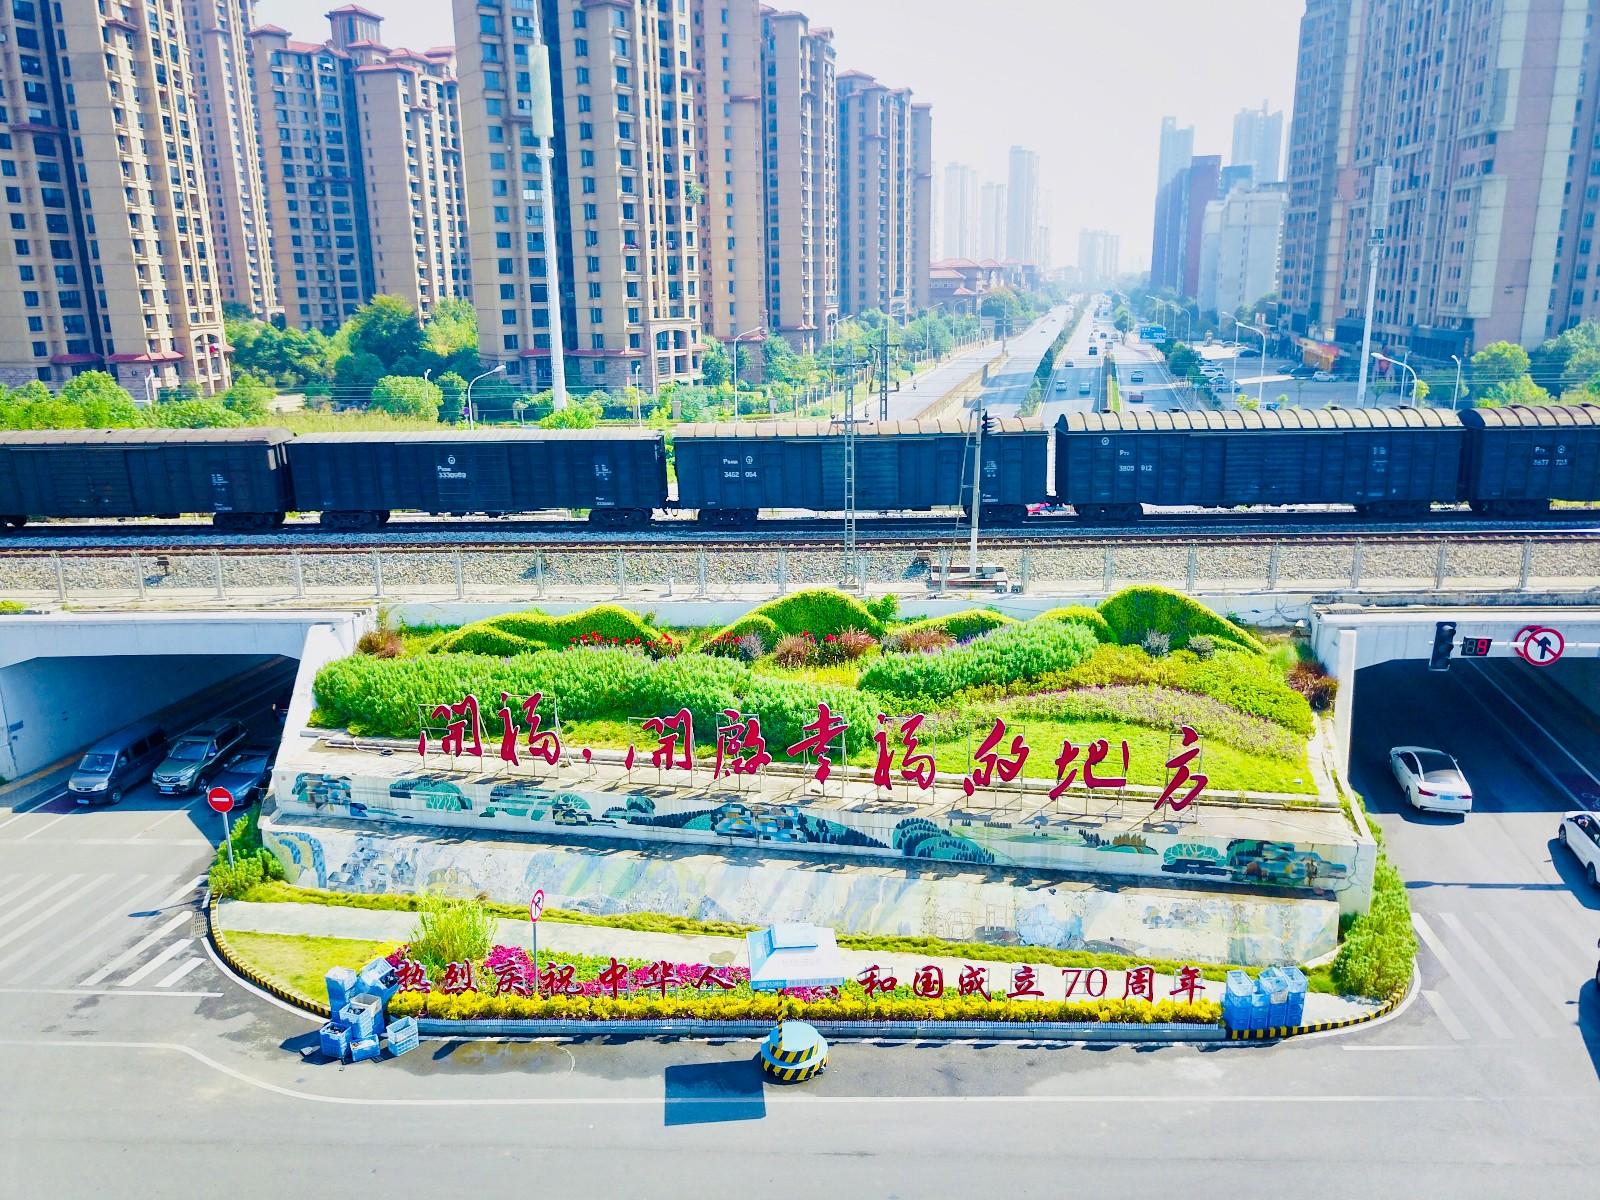 芙蓉北路大型绿雕让钢筋水泥的城市变得生气盎然。通讯员 李军 摄